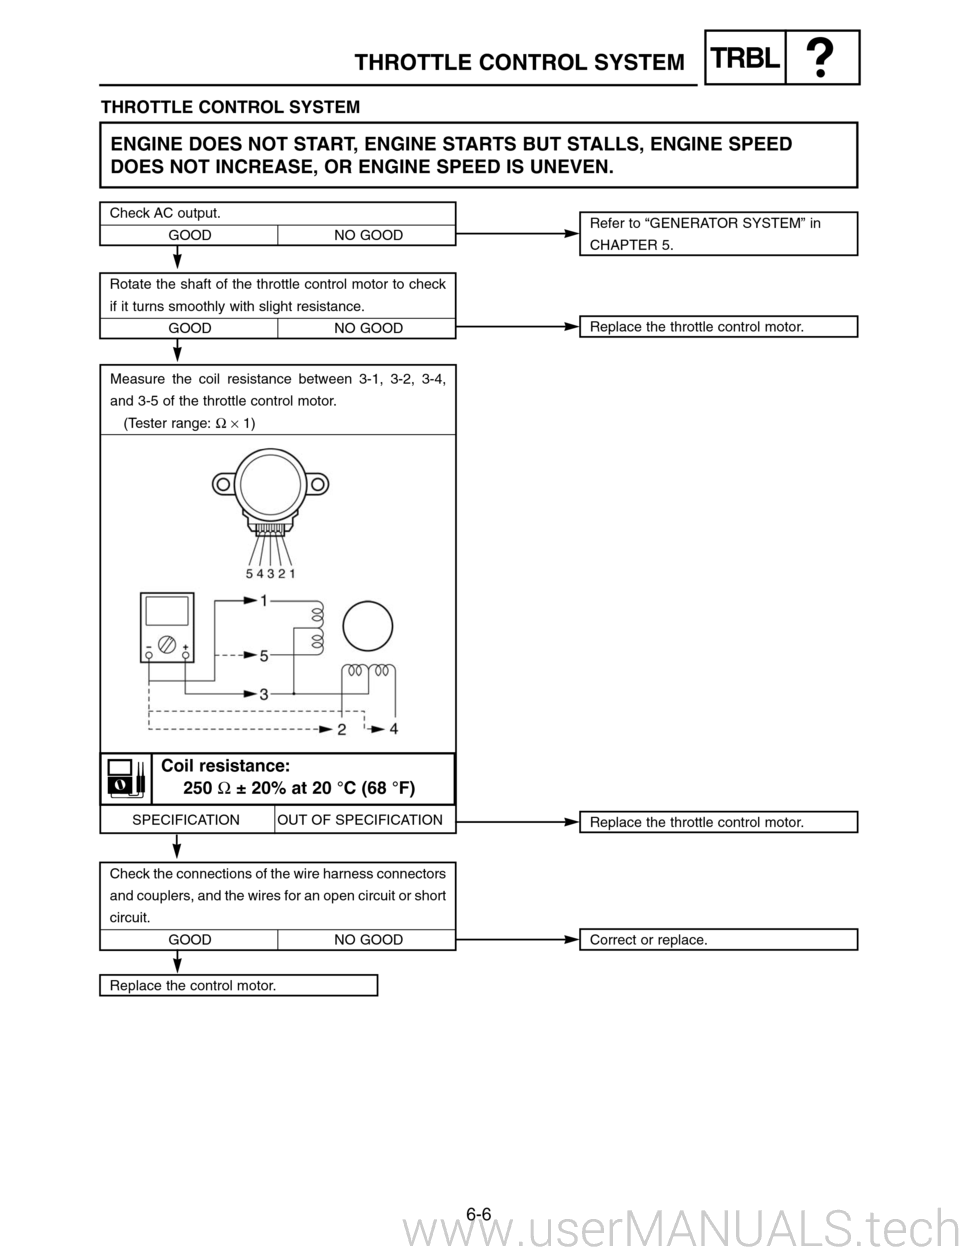 Yamaha Ef1000i Wiring Diagram